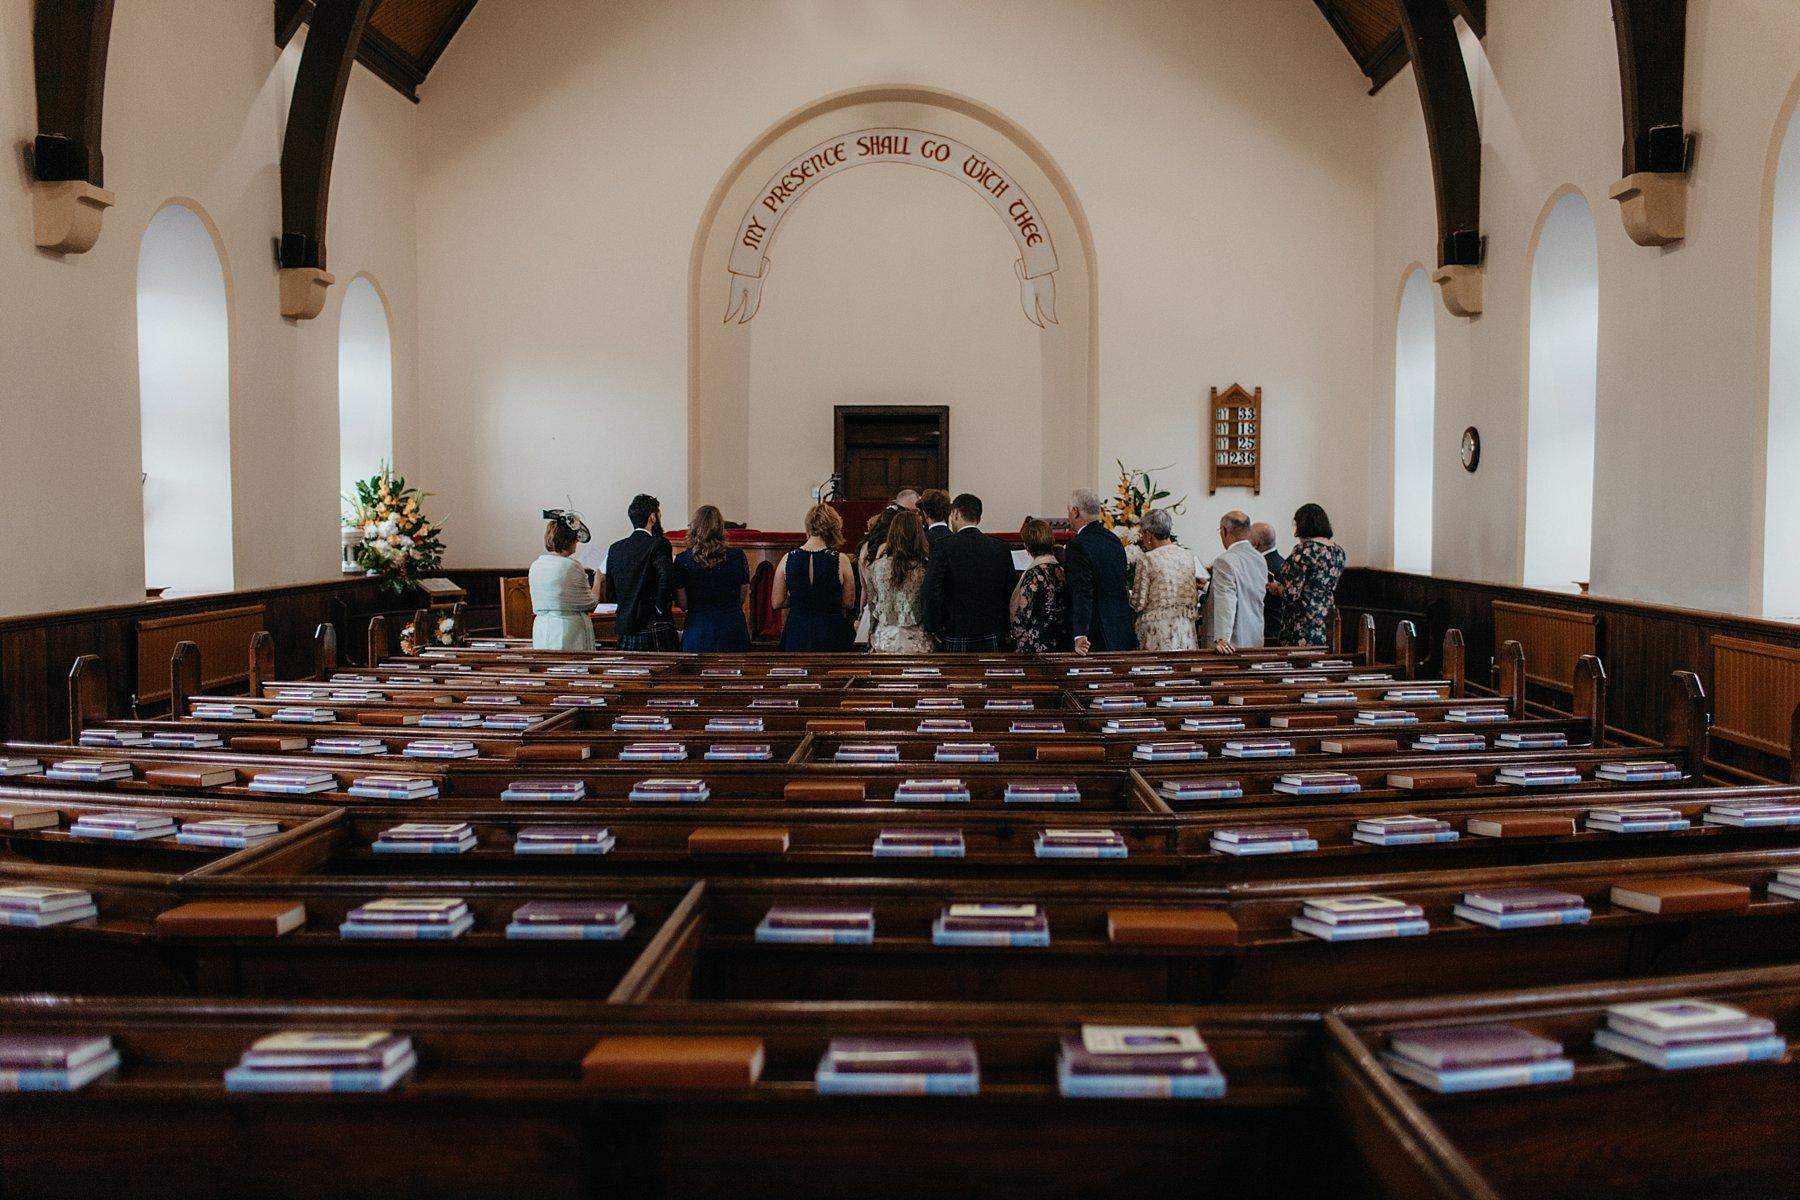 hornhead_donegak_elopement_weddings_0037